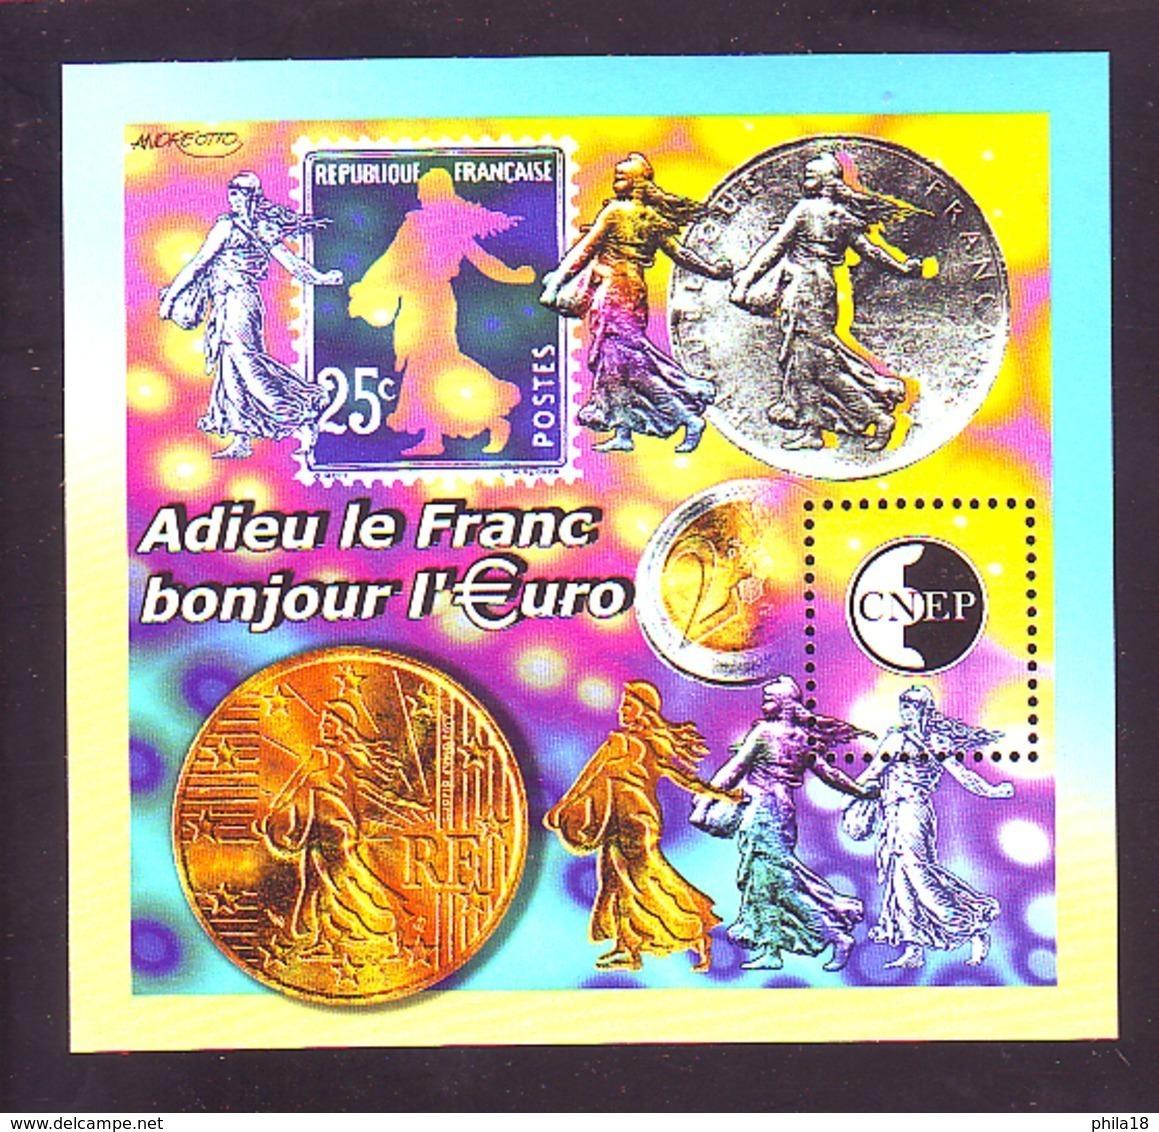 BLOC CNEP 2002 N° 35 - ADIEU LE FRANC BONJOUR L'€URO MARIANNE - CNEP